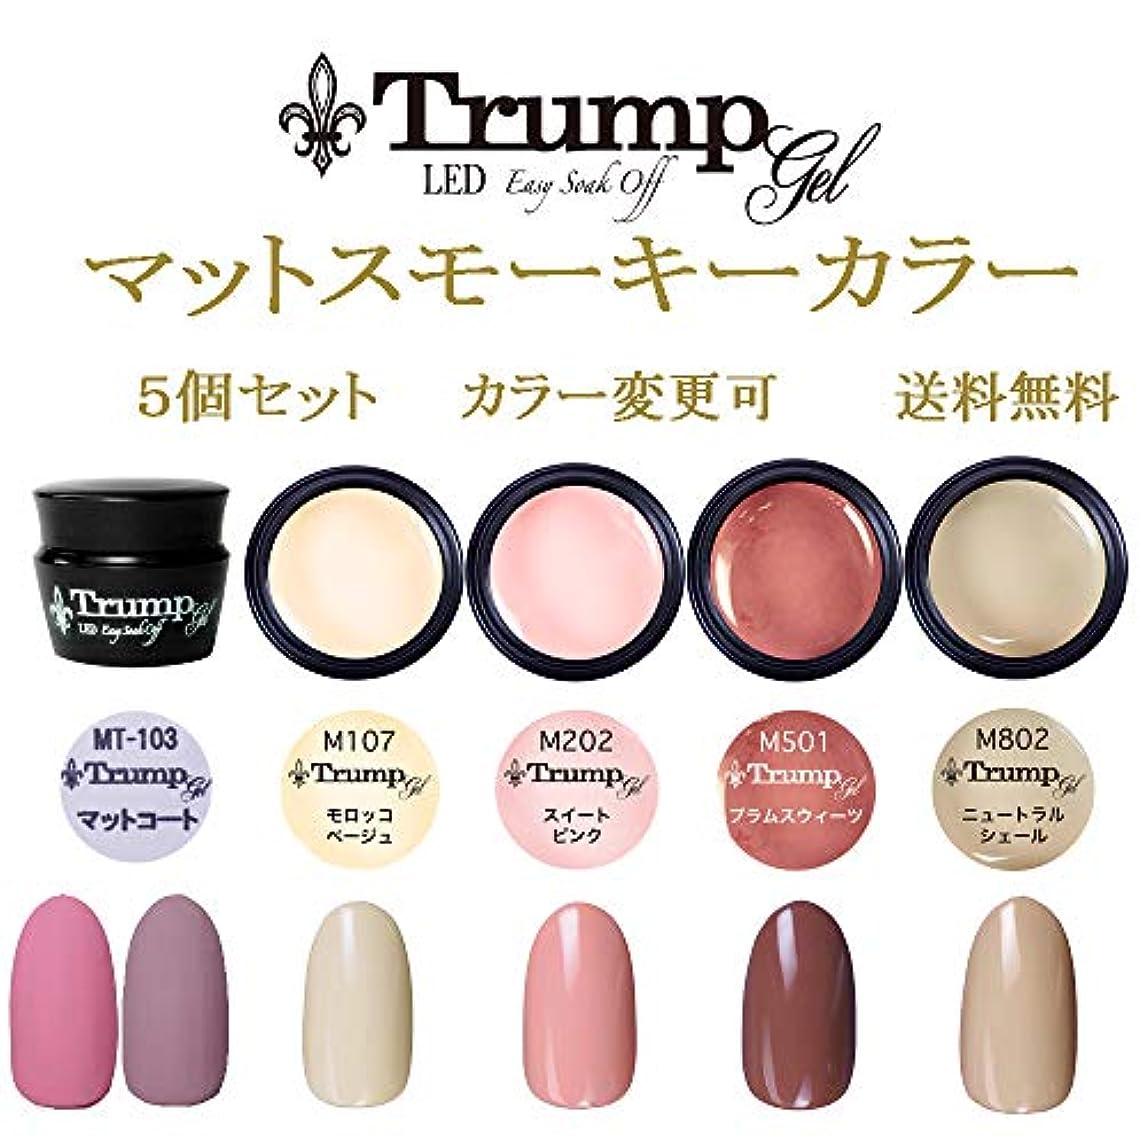 小麦ベリ任命する【送料無料】日本製 Trump gel トランプジェル マットスモーキー カラージェル 5個セット 魅惑のフロストマットトップとマットに合う人気カラーをチョイス